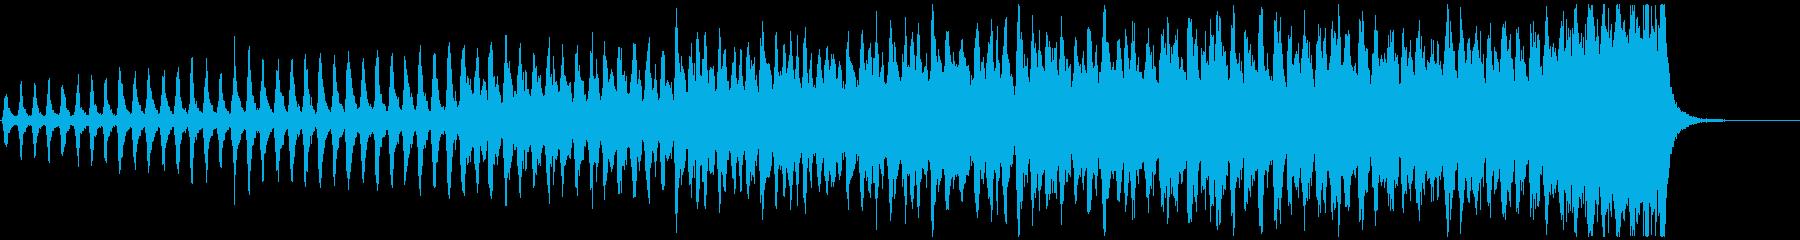 ホラー向け 緊迫感のある怖いストリングスの再生済みの波形